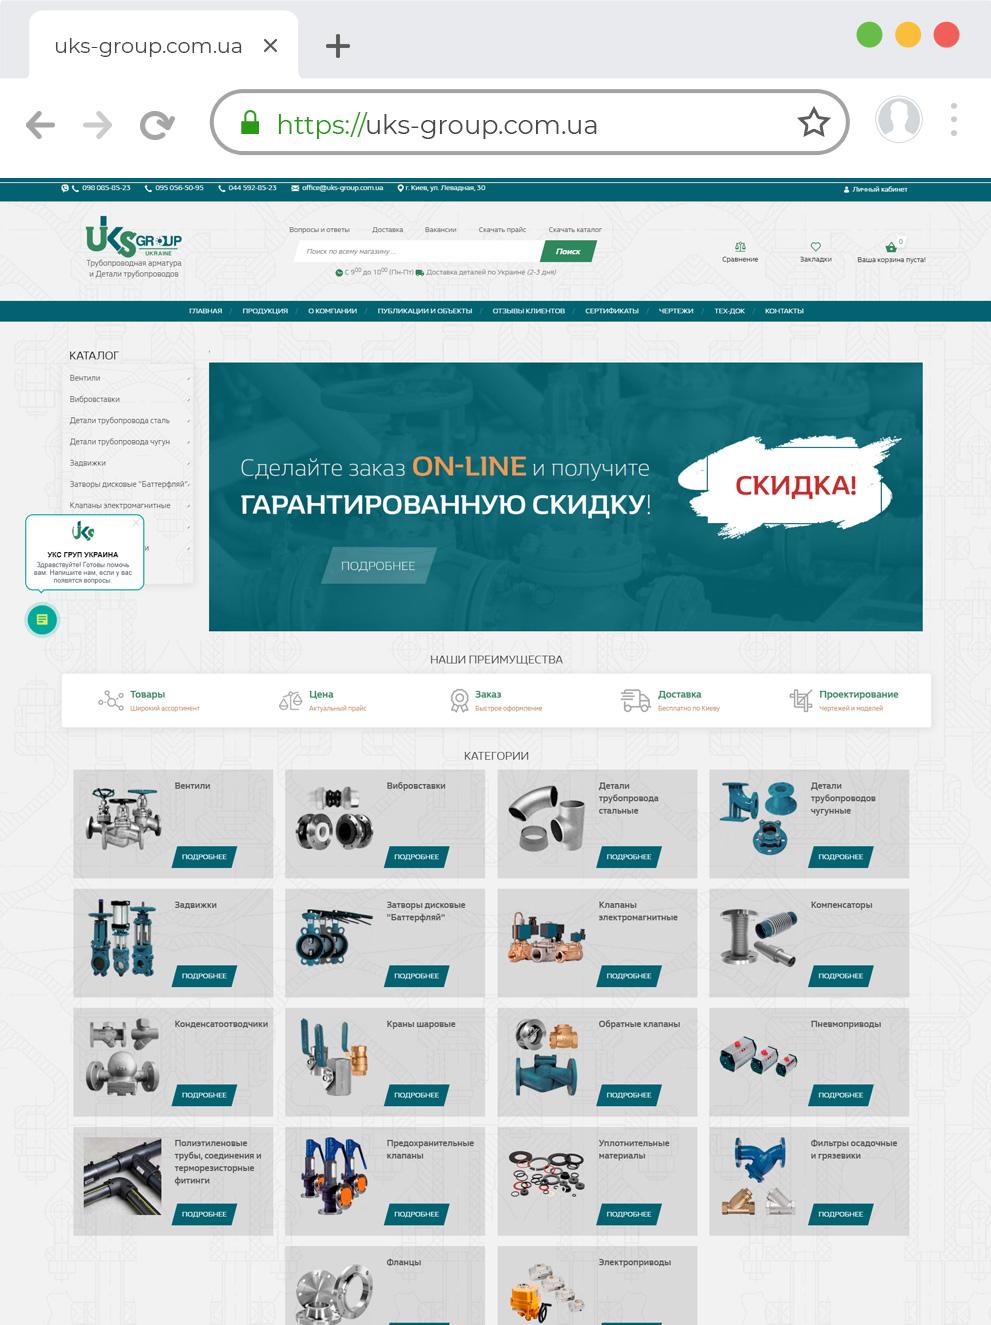 Техническое обслуживании и доработка сайта